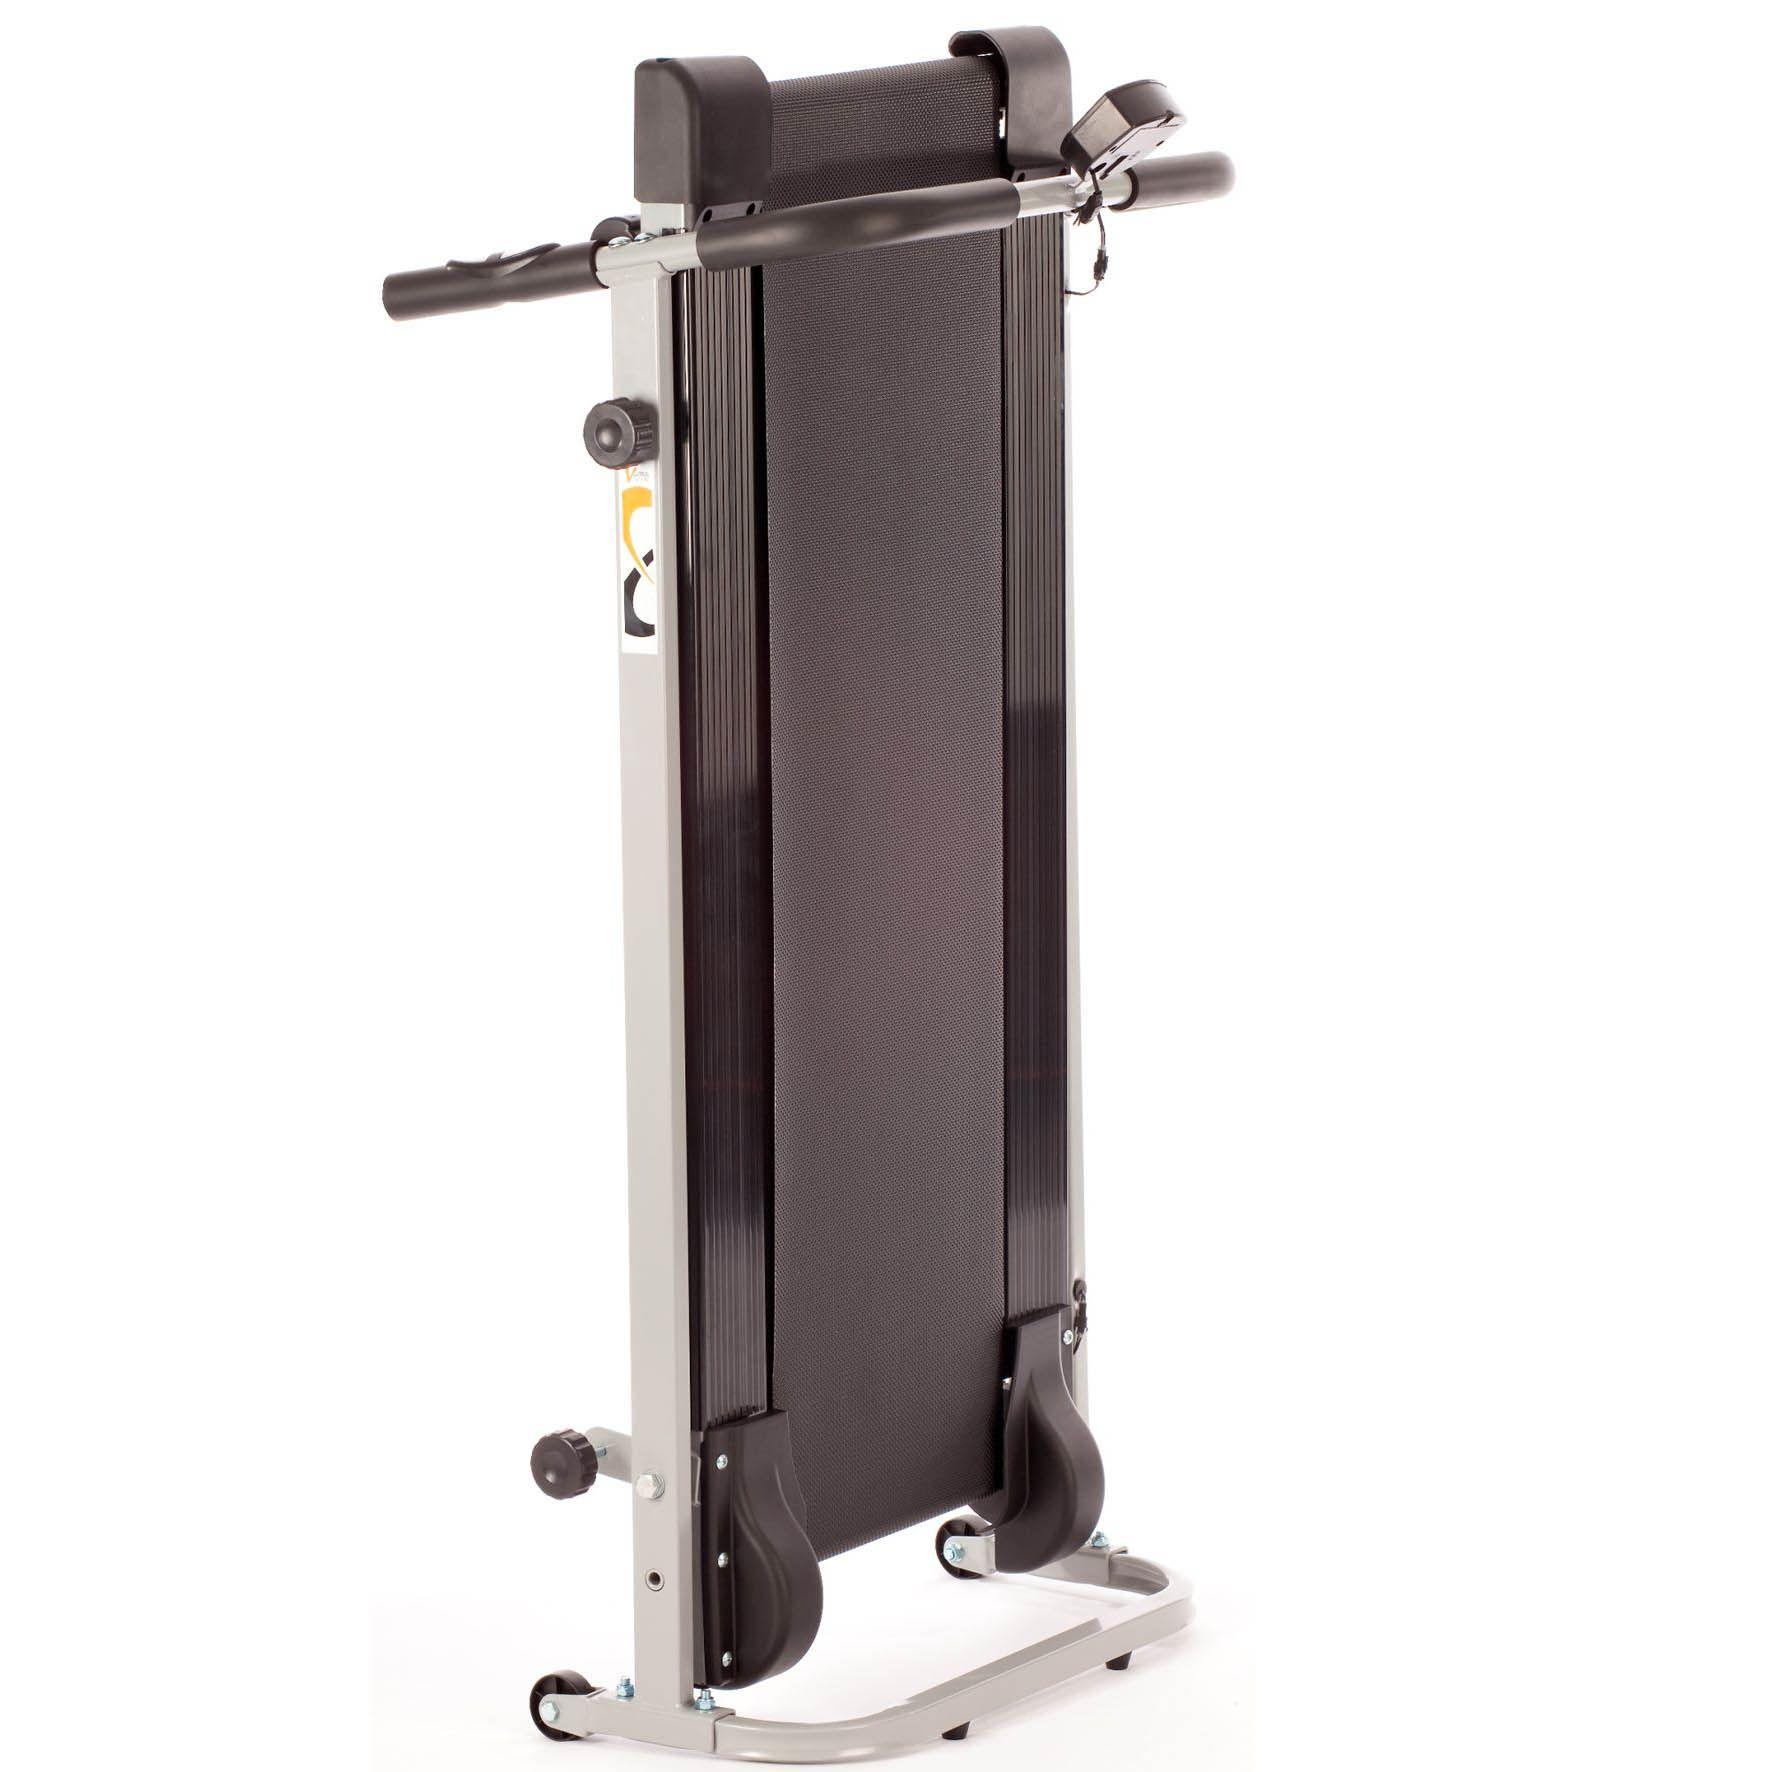 Golds Gym Treadmill 480 Manual: V-Fit MTT1 Manual Folding Treadmill